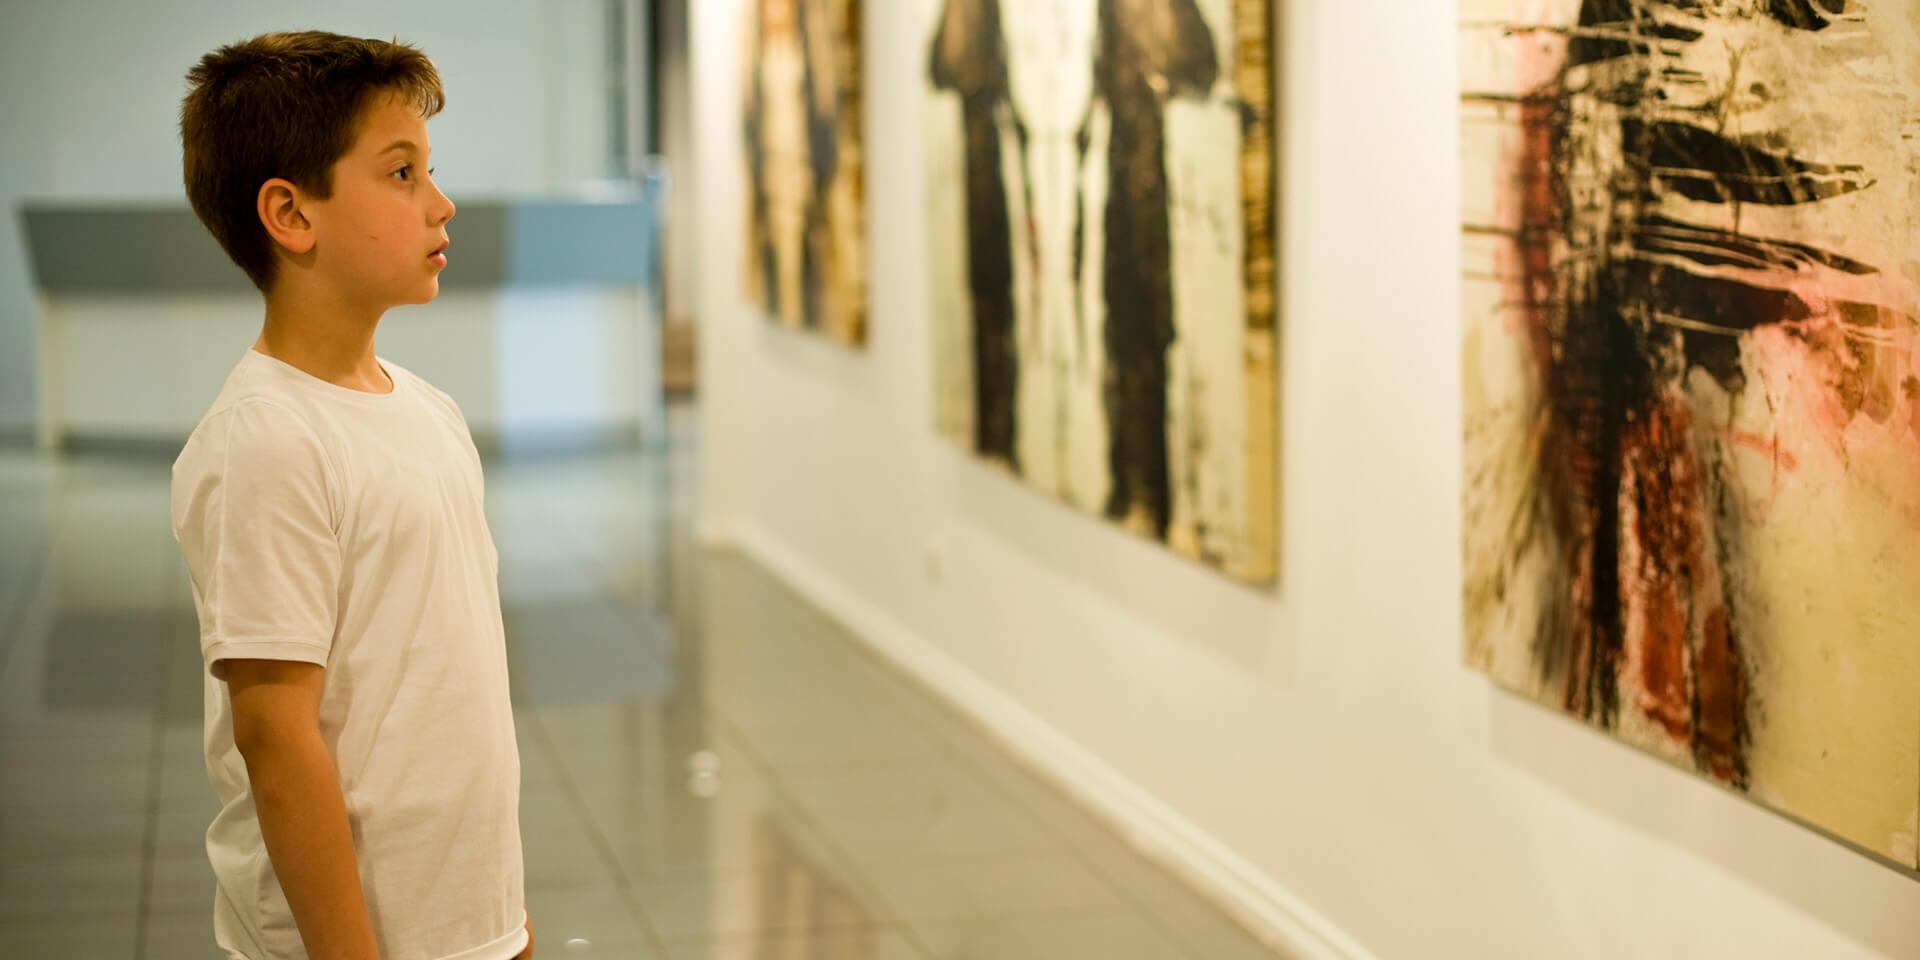 Junge in einer Kunstausstellung